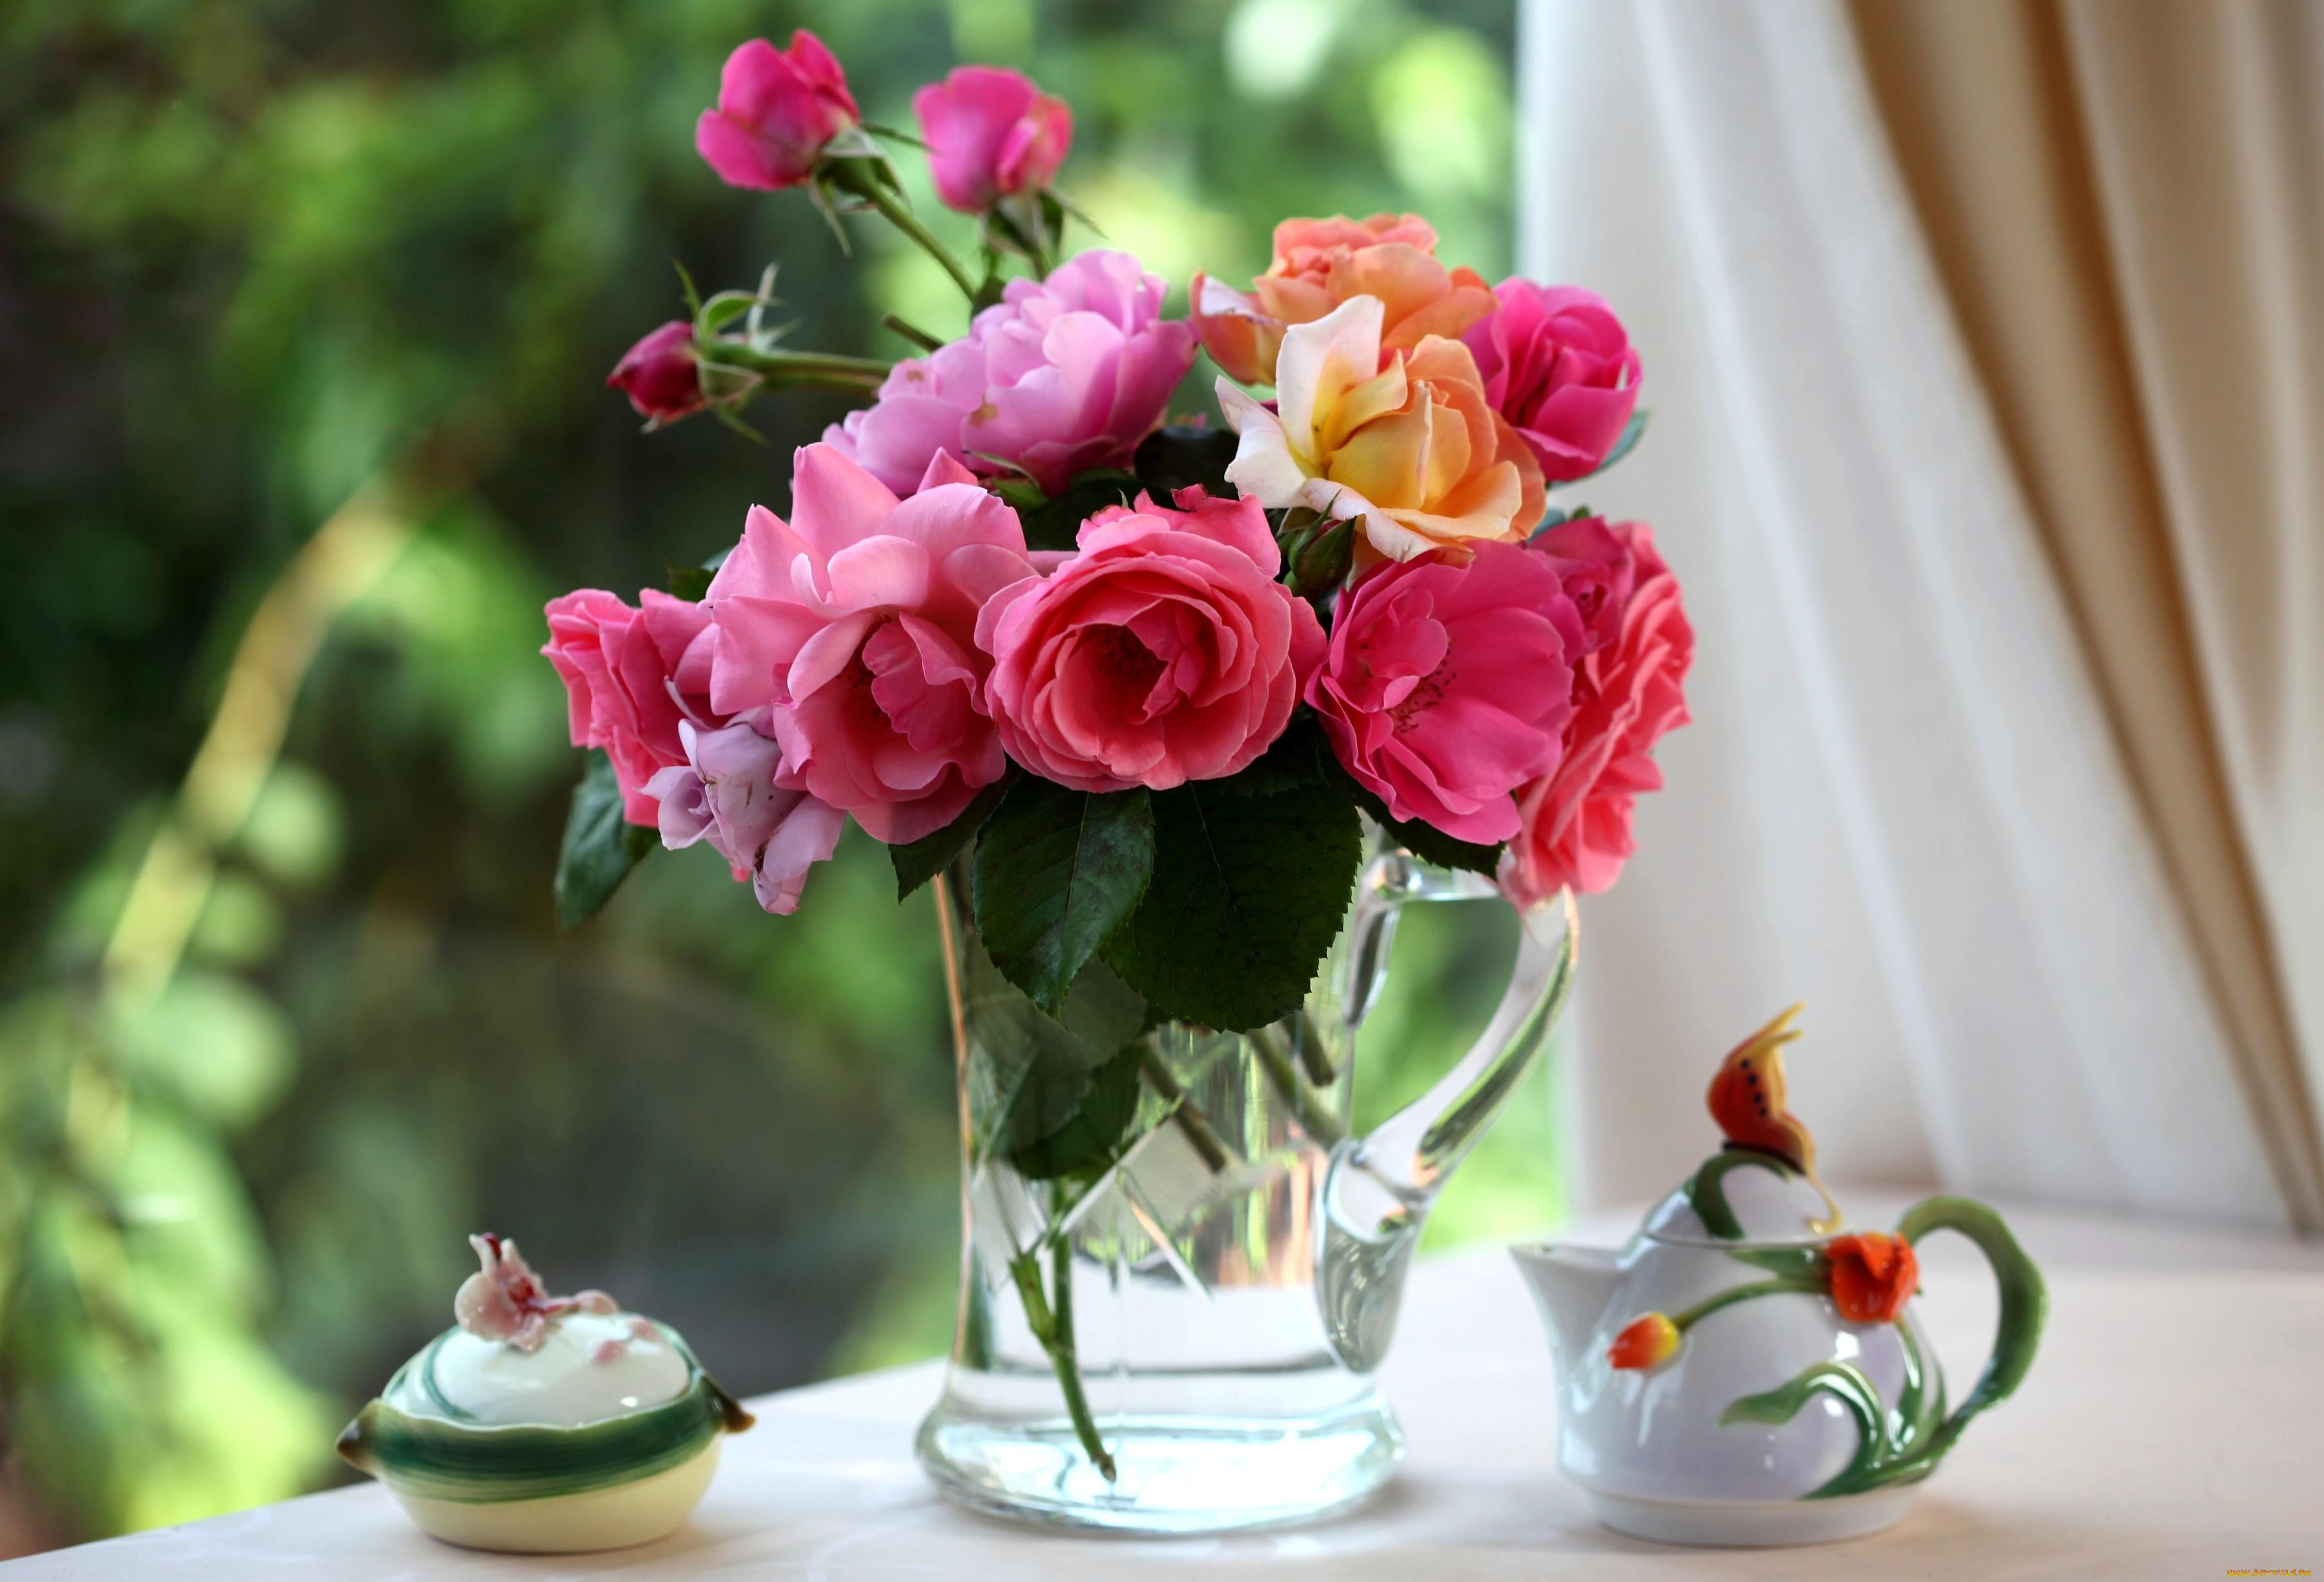 красивый букет цветов в вазе на столе настройках смартфона может